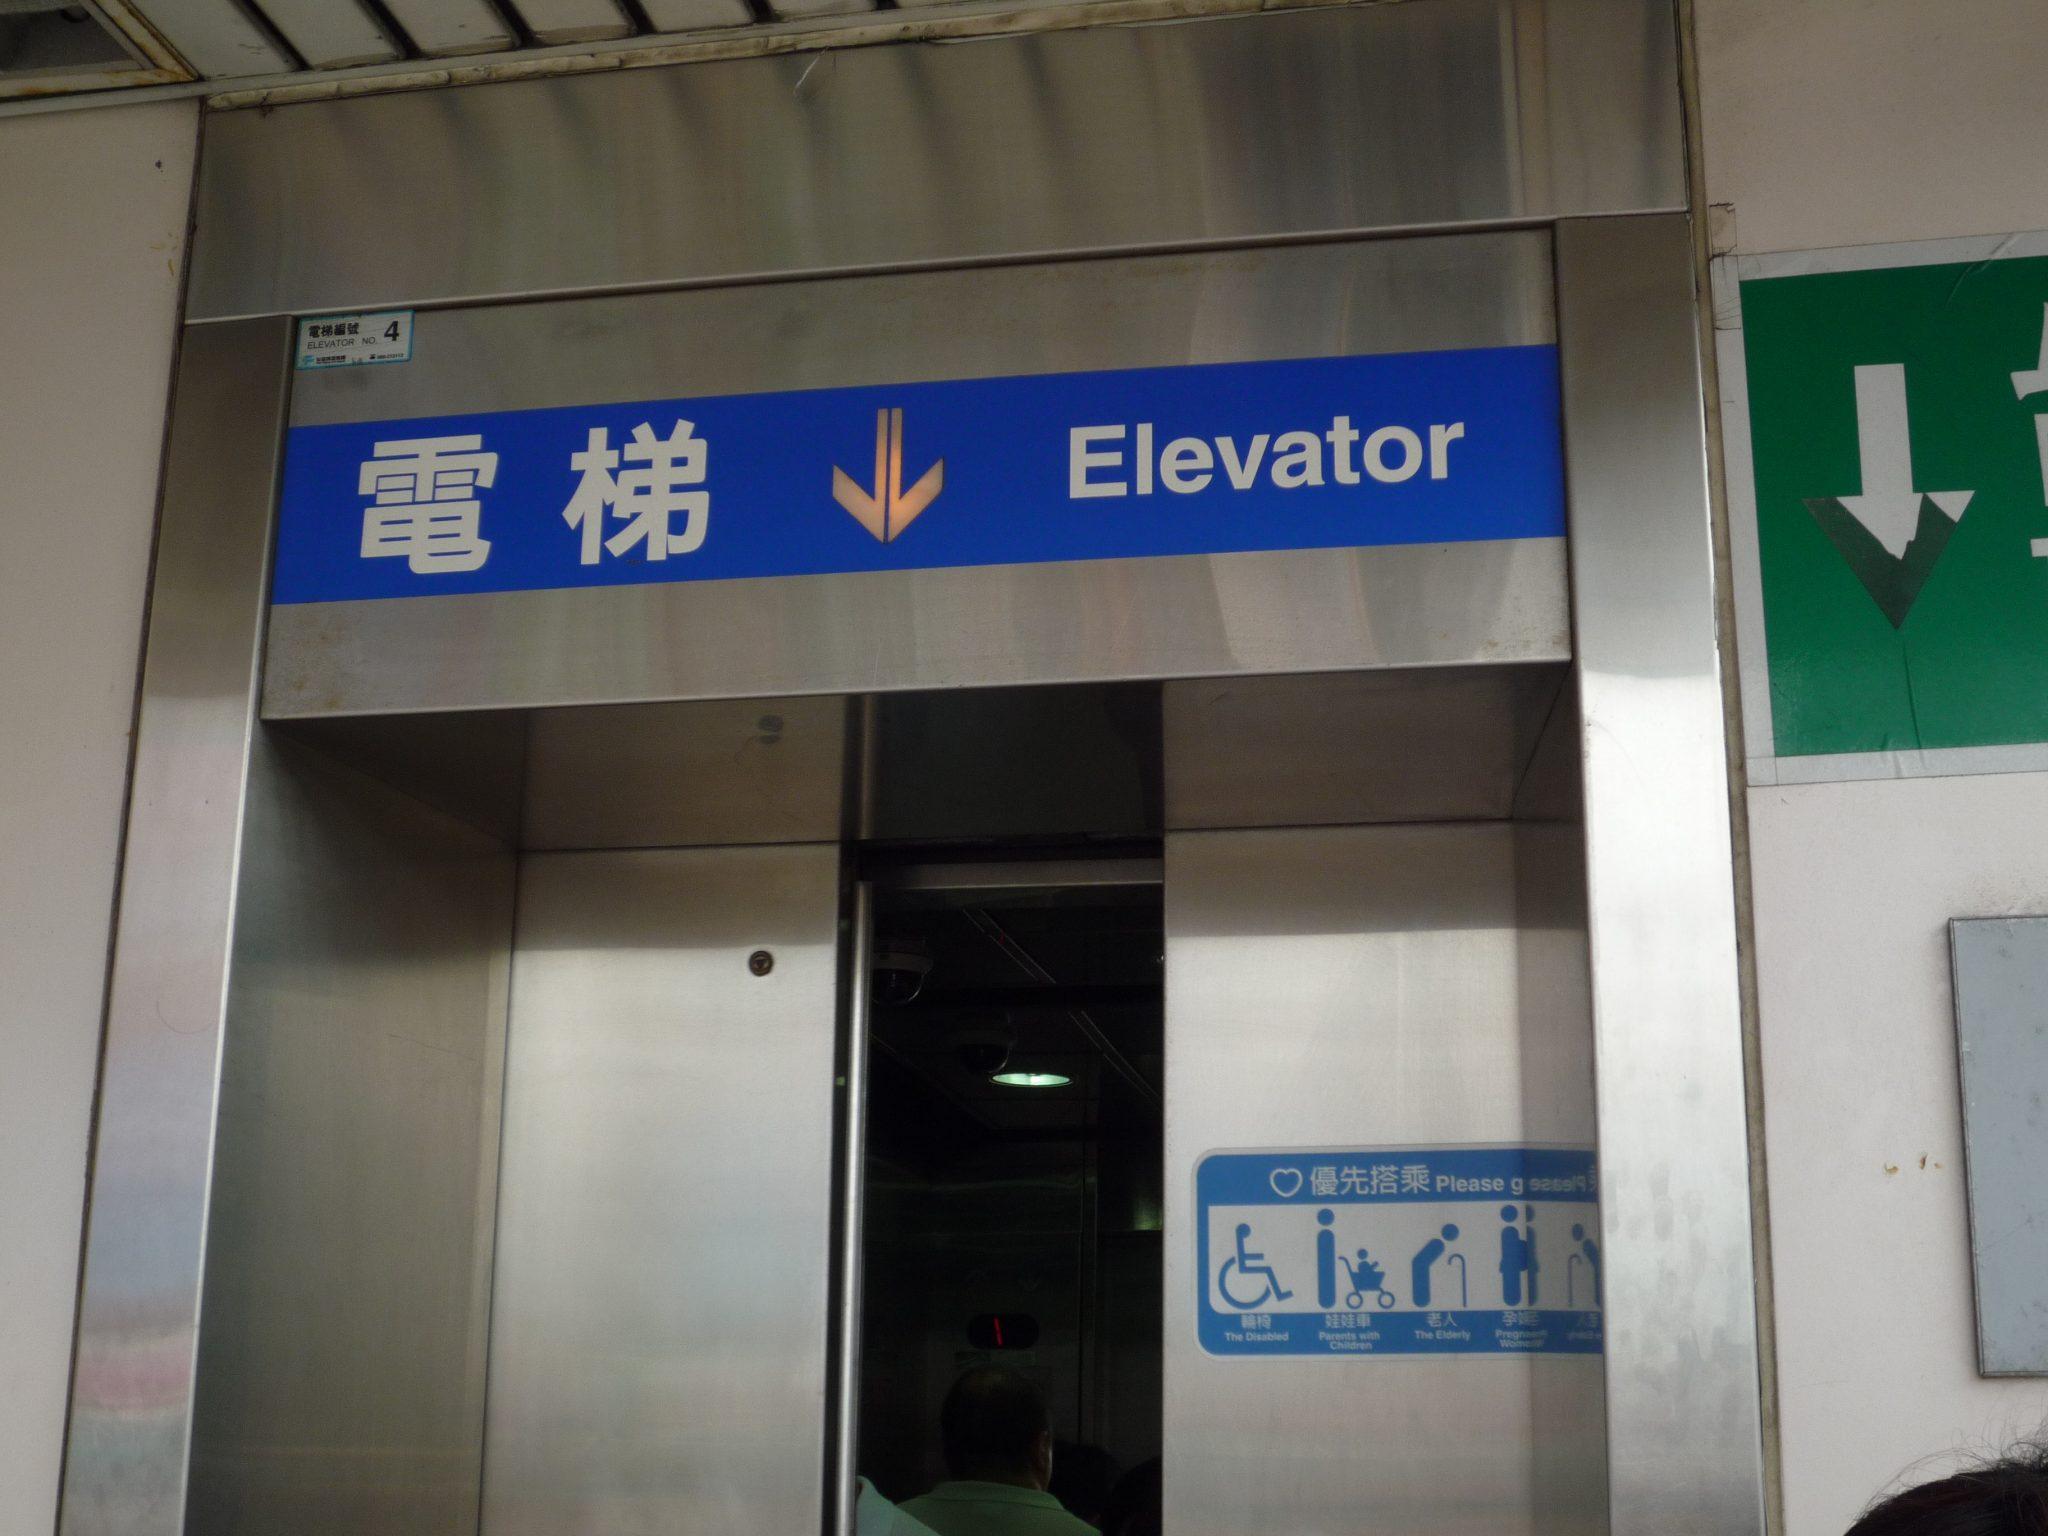 建築物的無障礙電梯